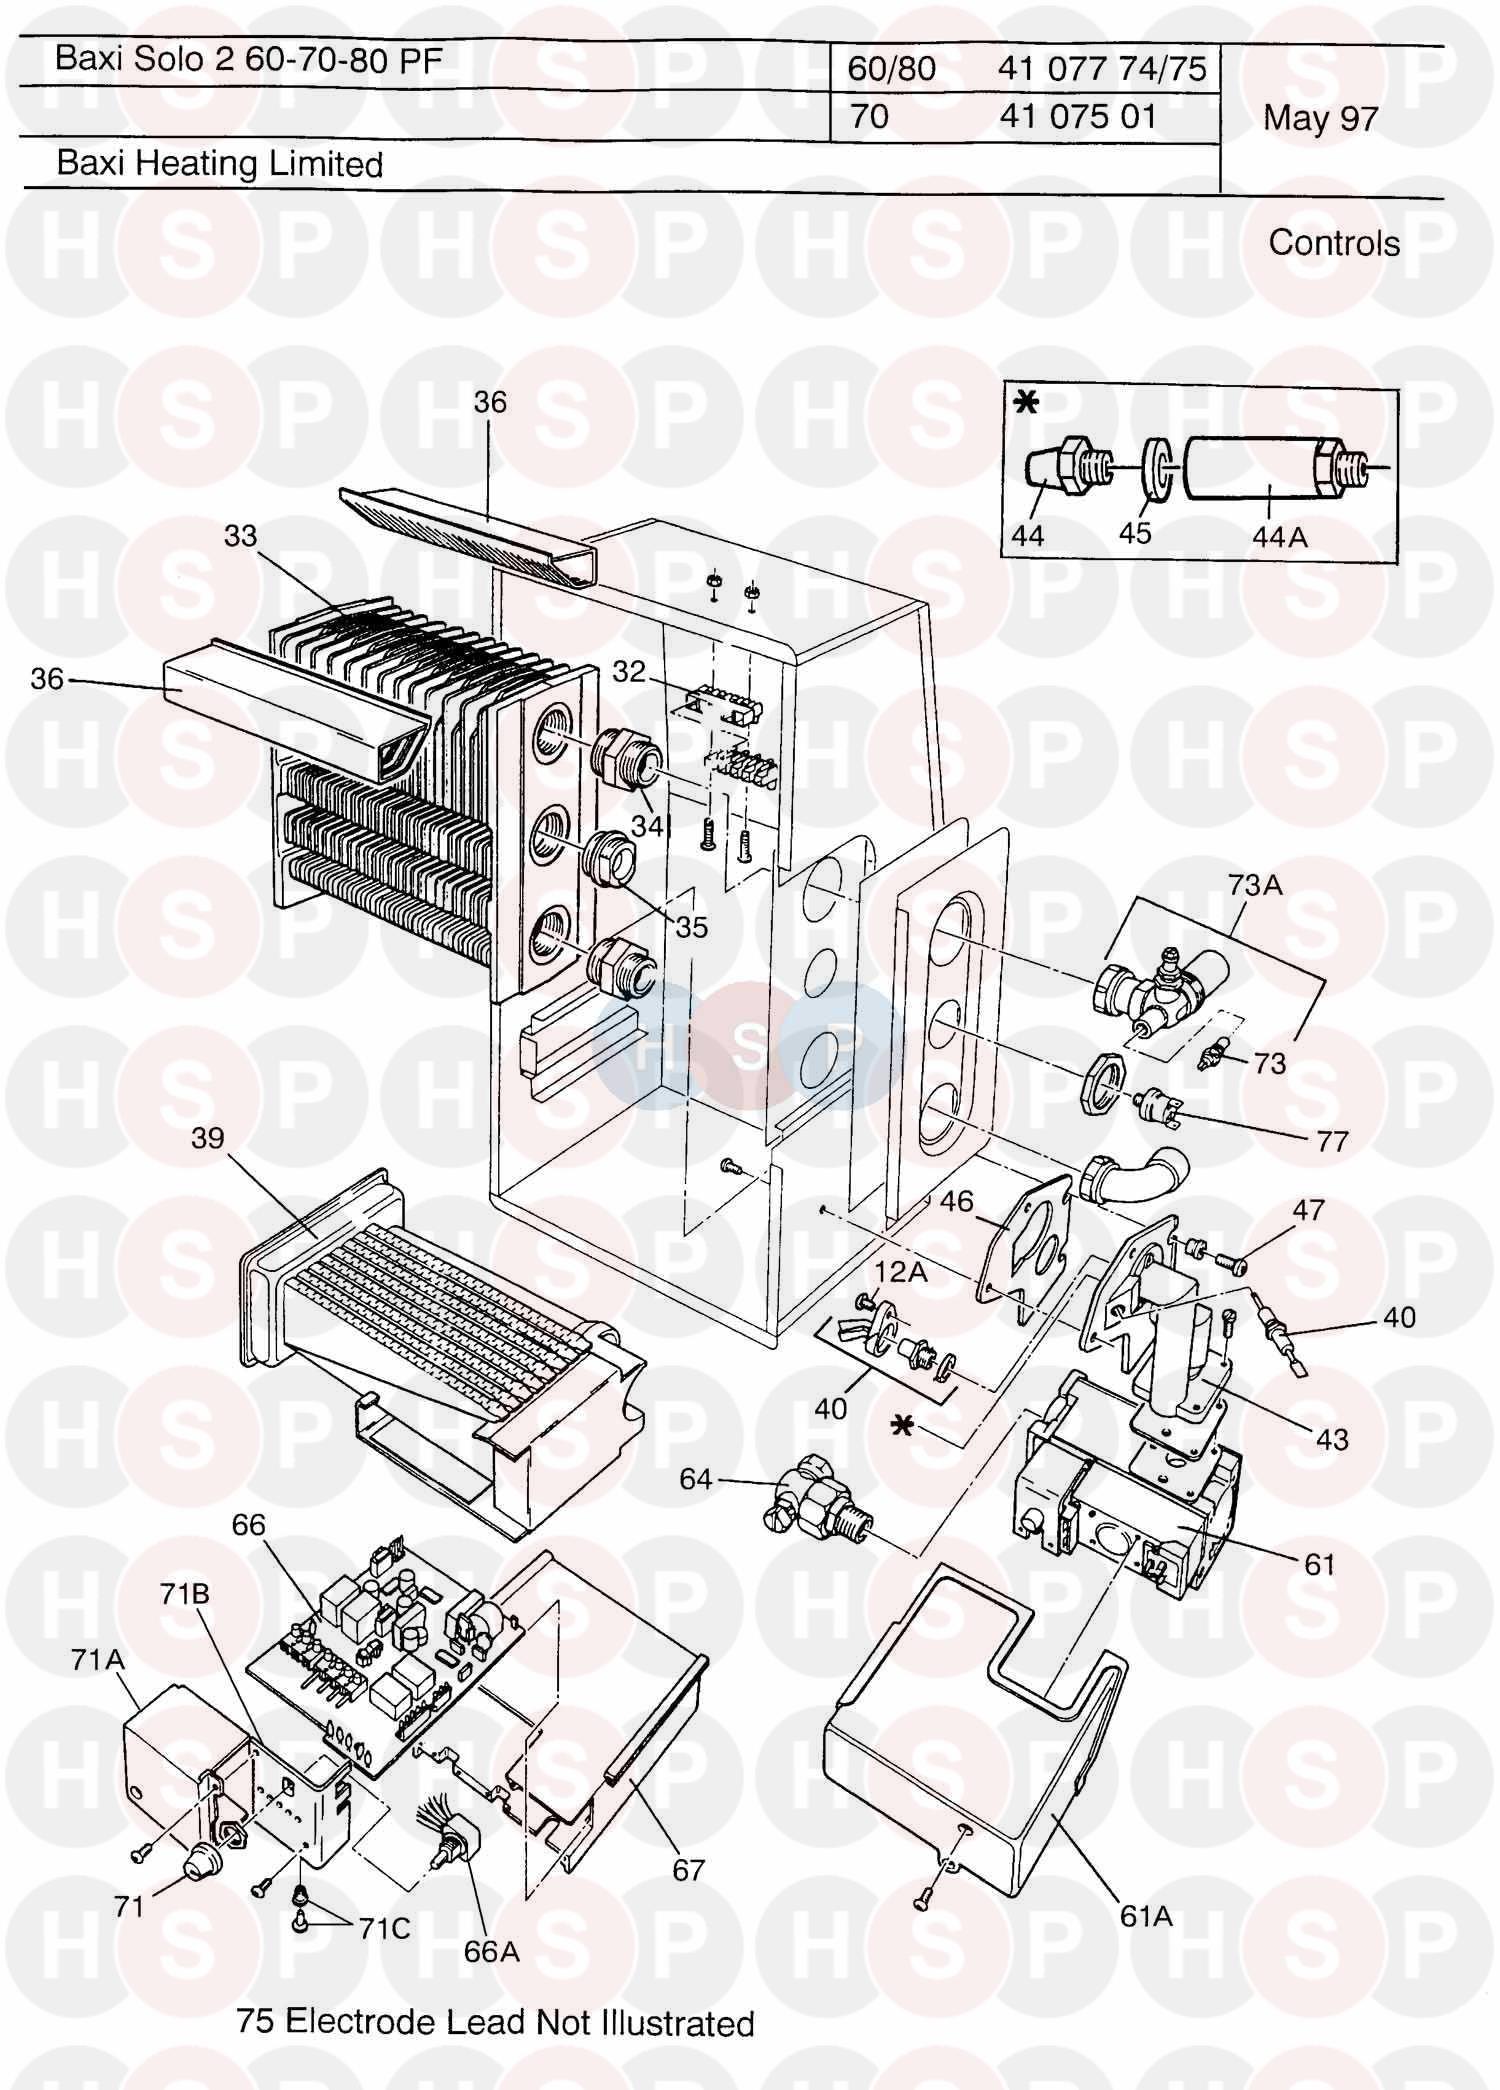 baxi solo pf 2 60  controls  diagram